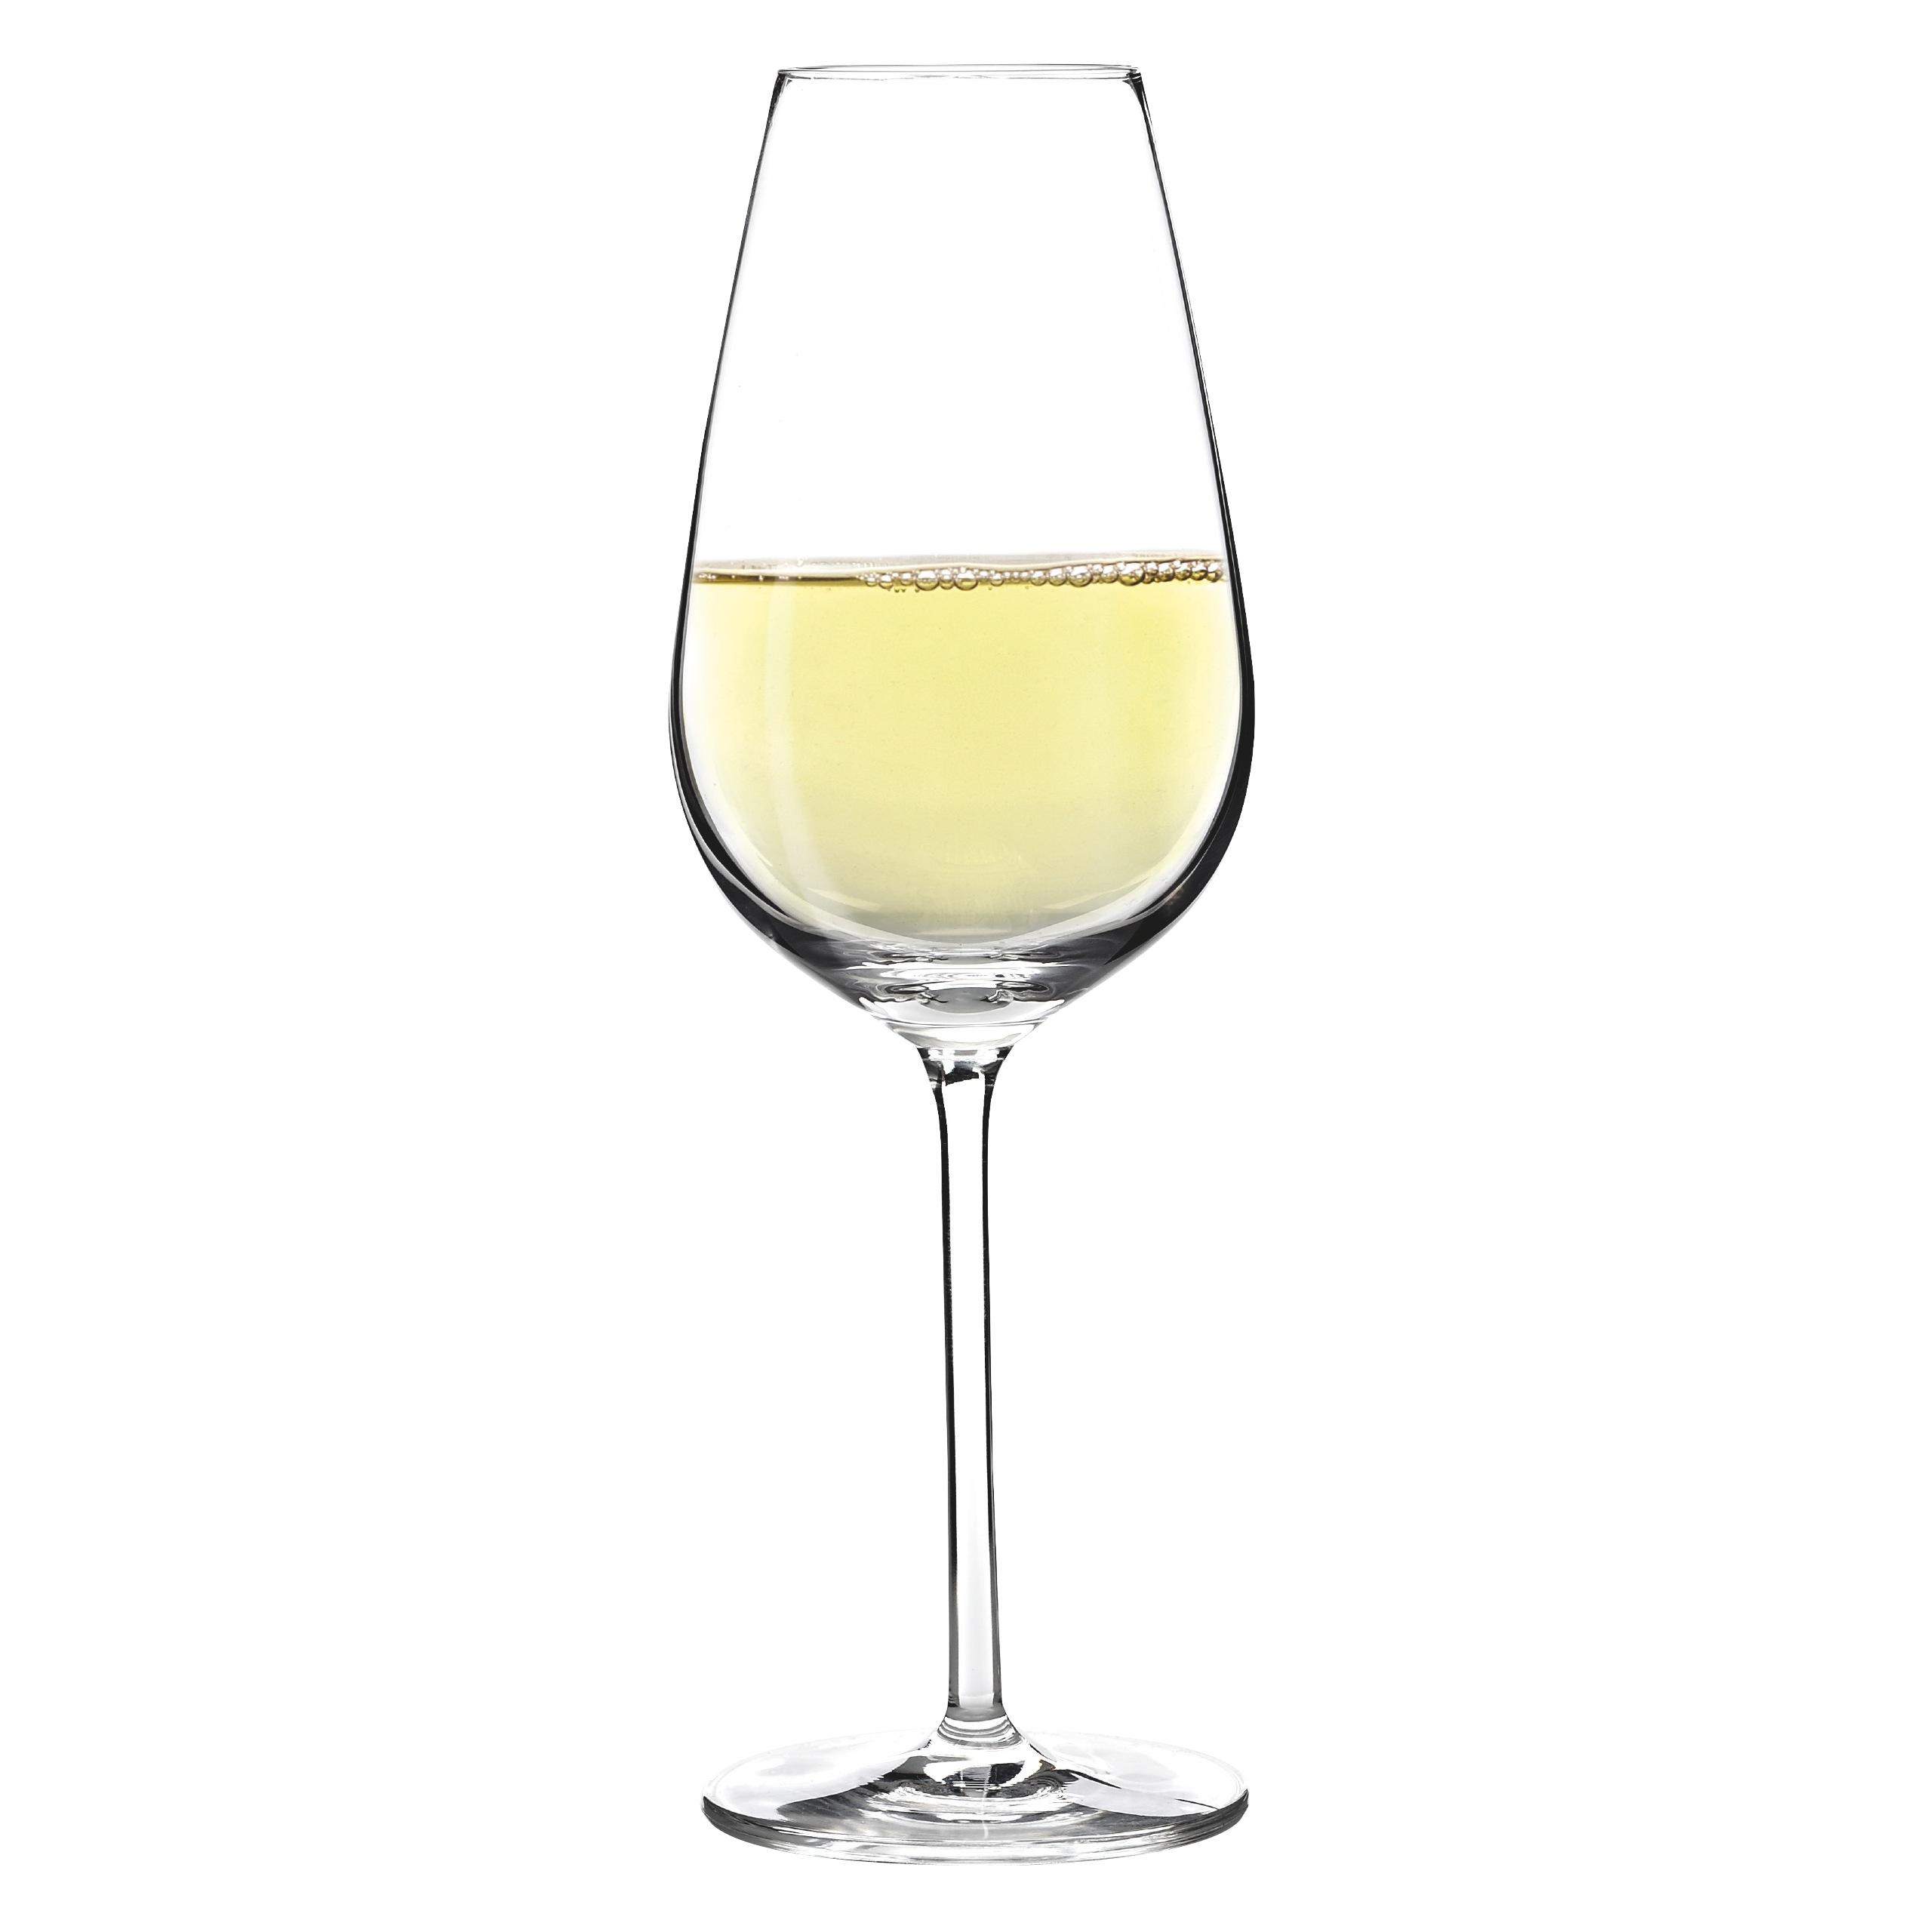 ritzenhoff-aspergo-2830001-witte-wijnglas